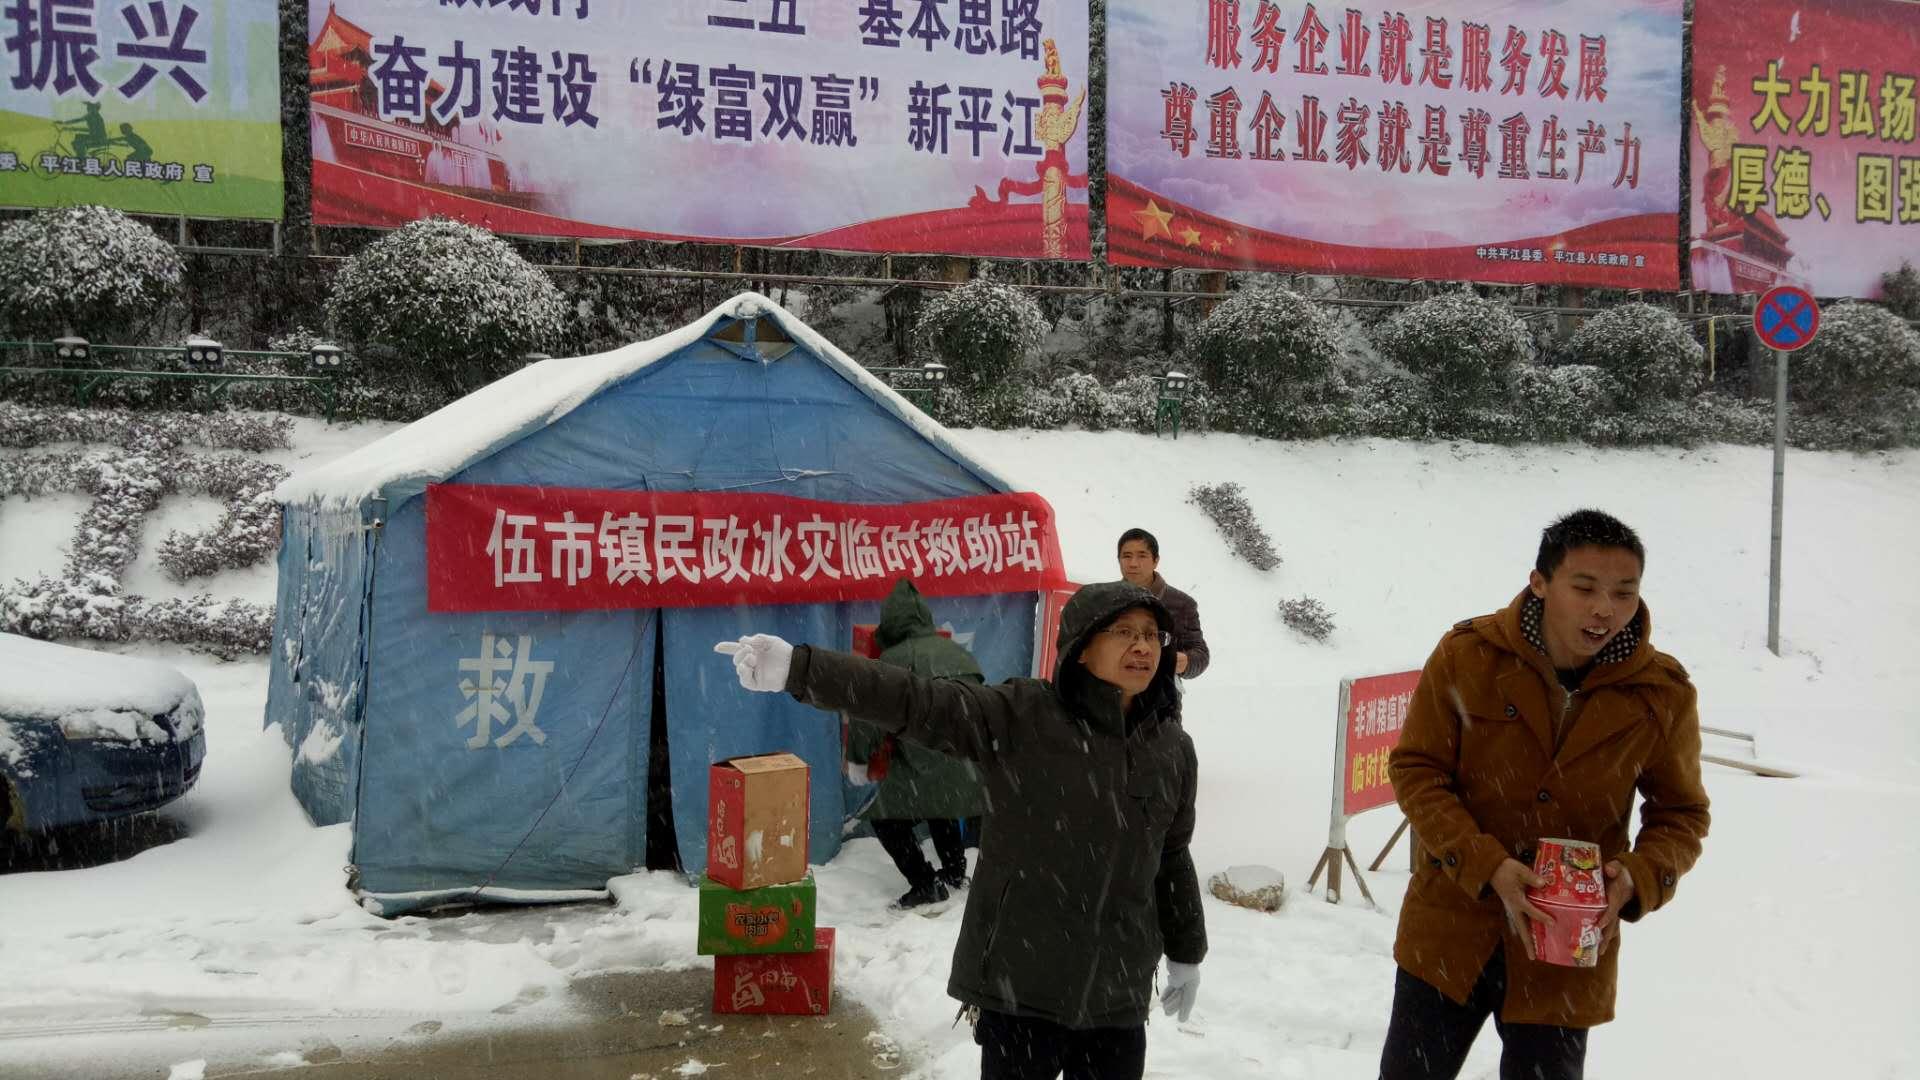 迎战冰雪丨平江县民政局四措并举积极应对冰雪天气